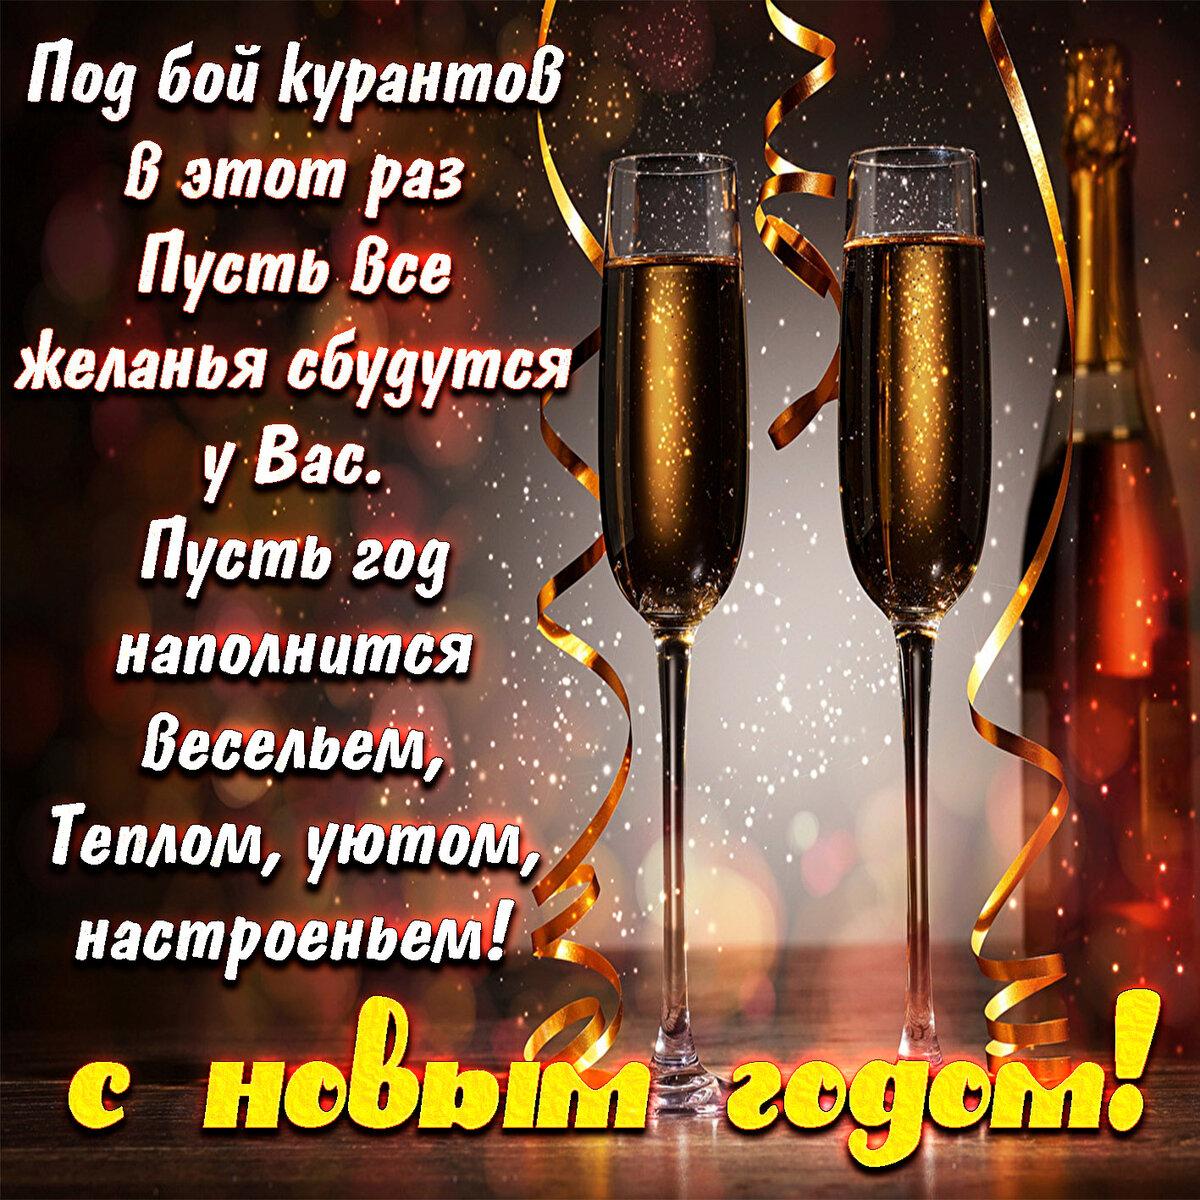 Тосты поздравления на новый год